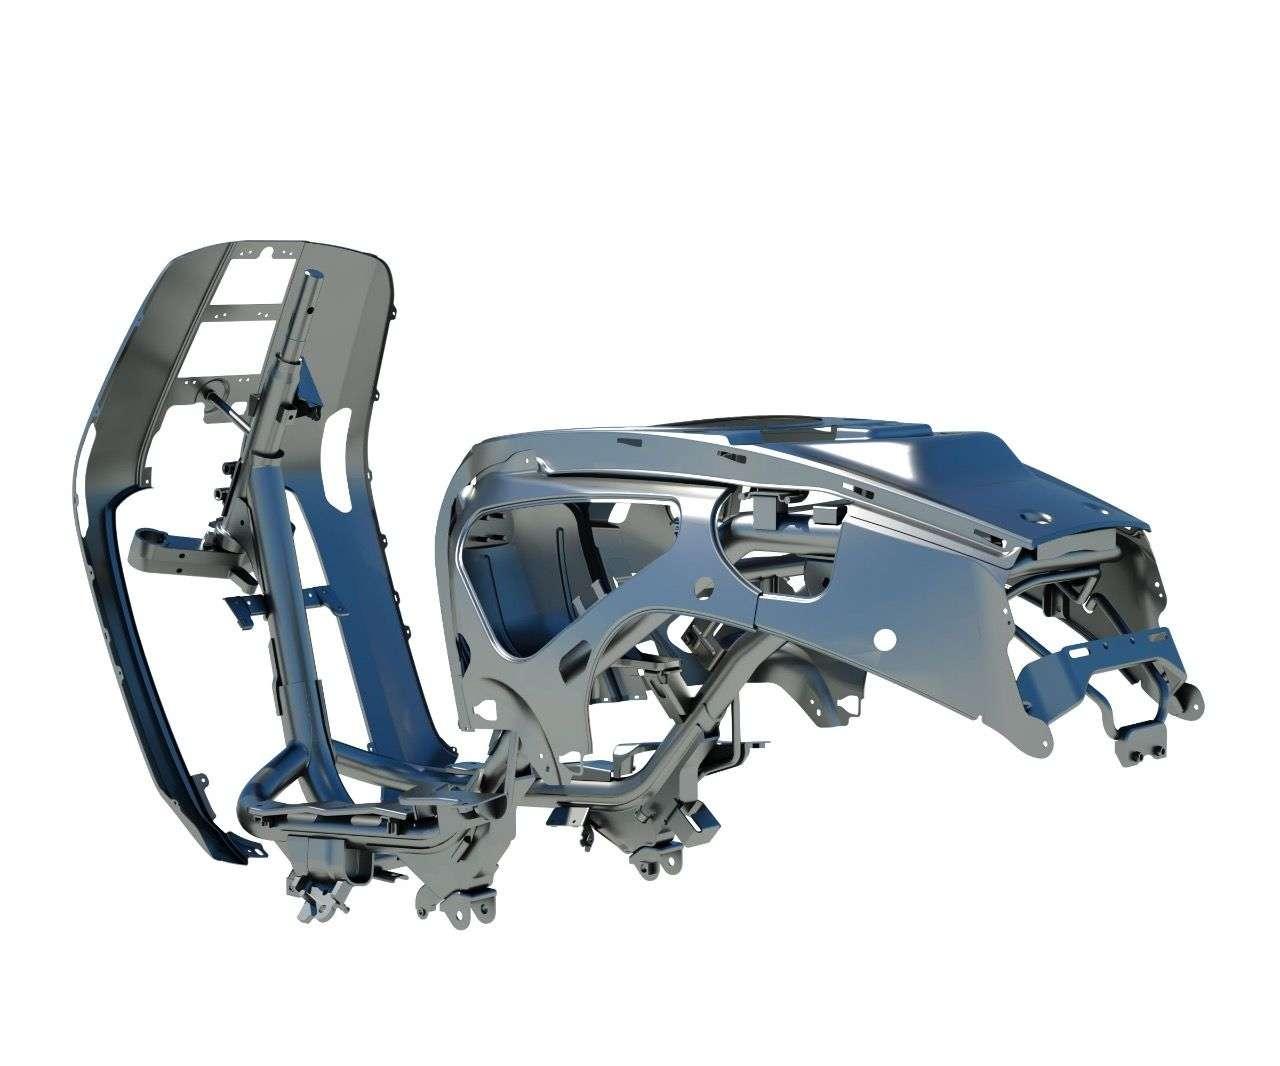 Metallstruktur mit ausgesparten Seitenbereichen am Heck – für eine leichtere Wartung bzw. Reparatur des Motors. Nicht unschlau.